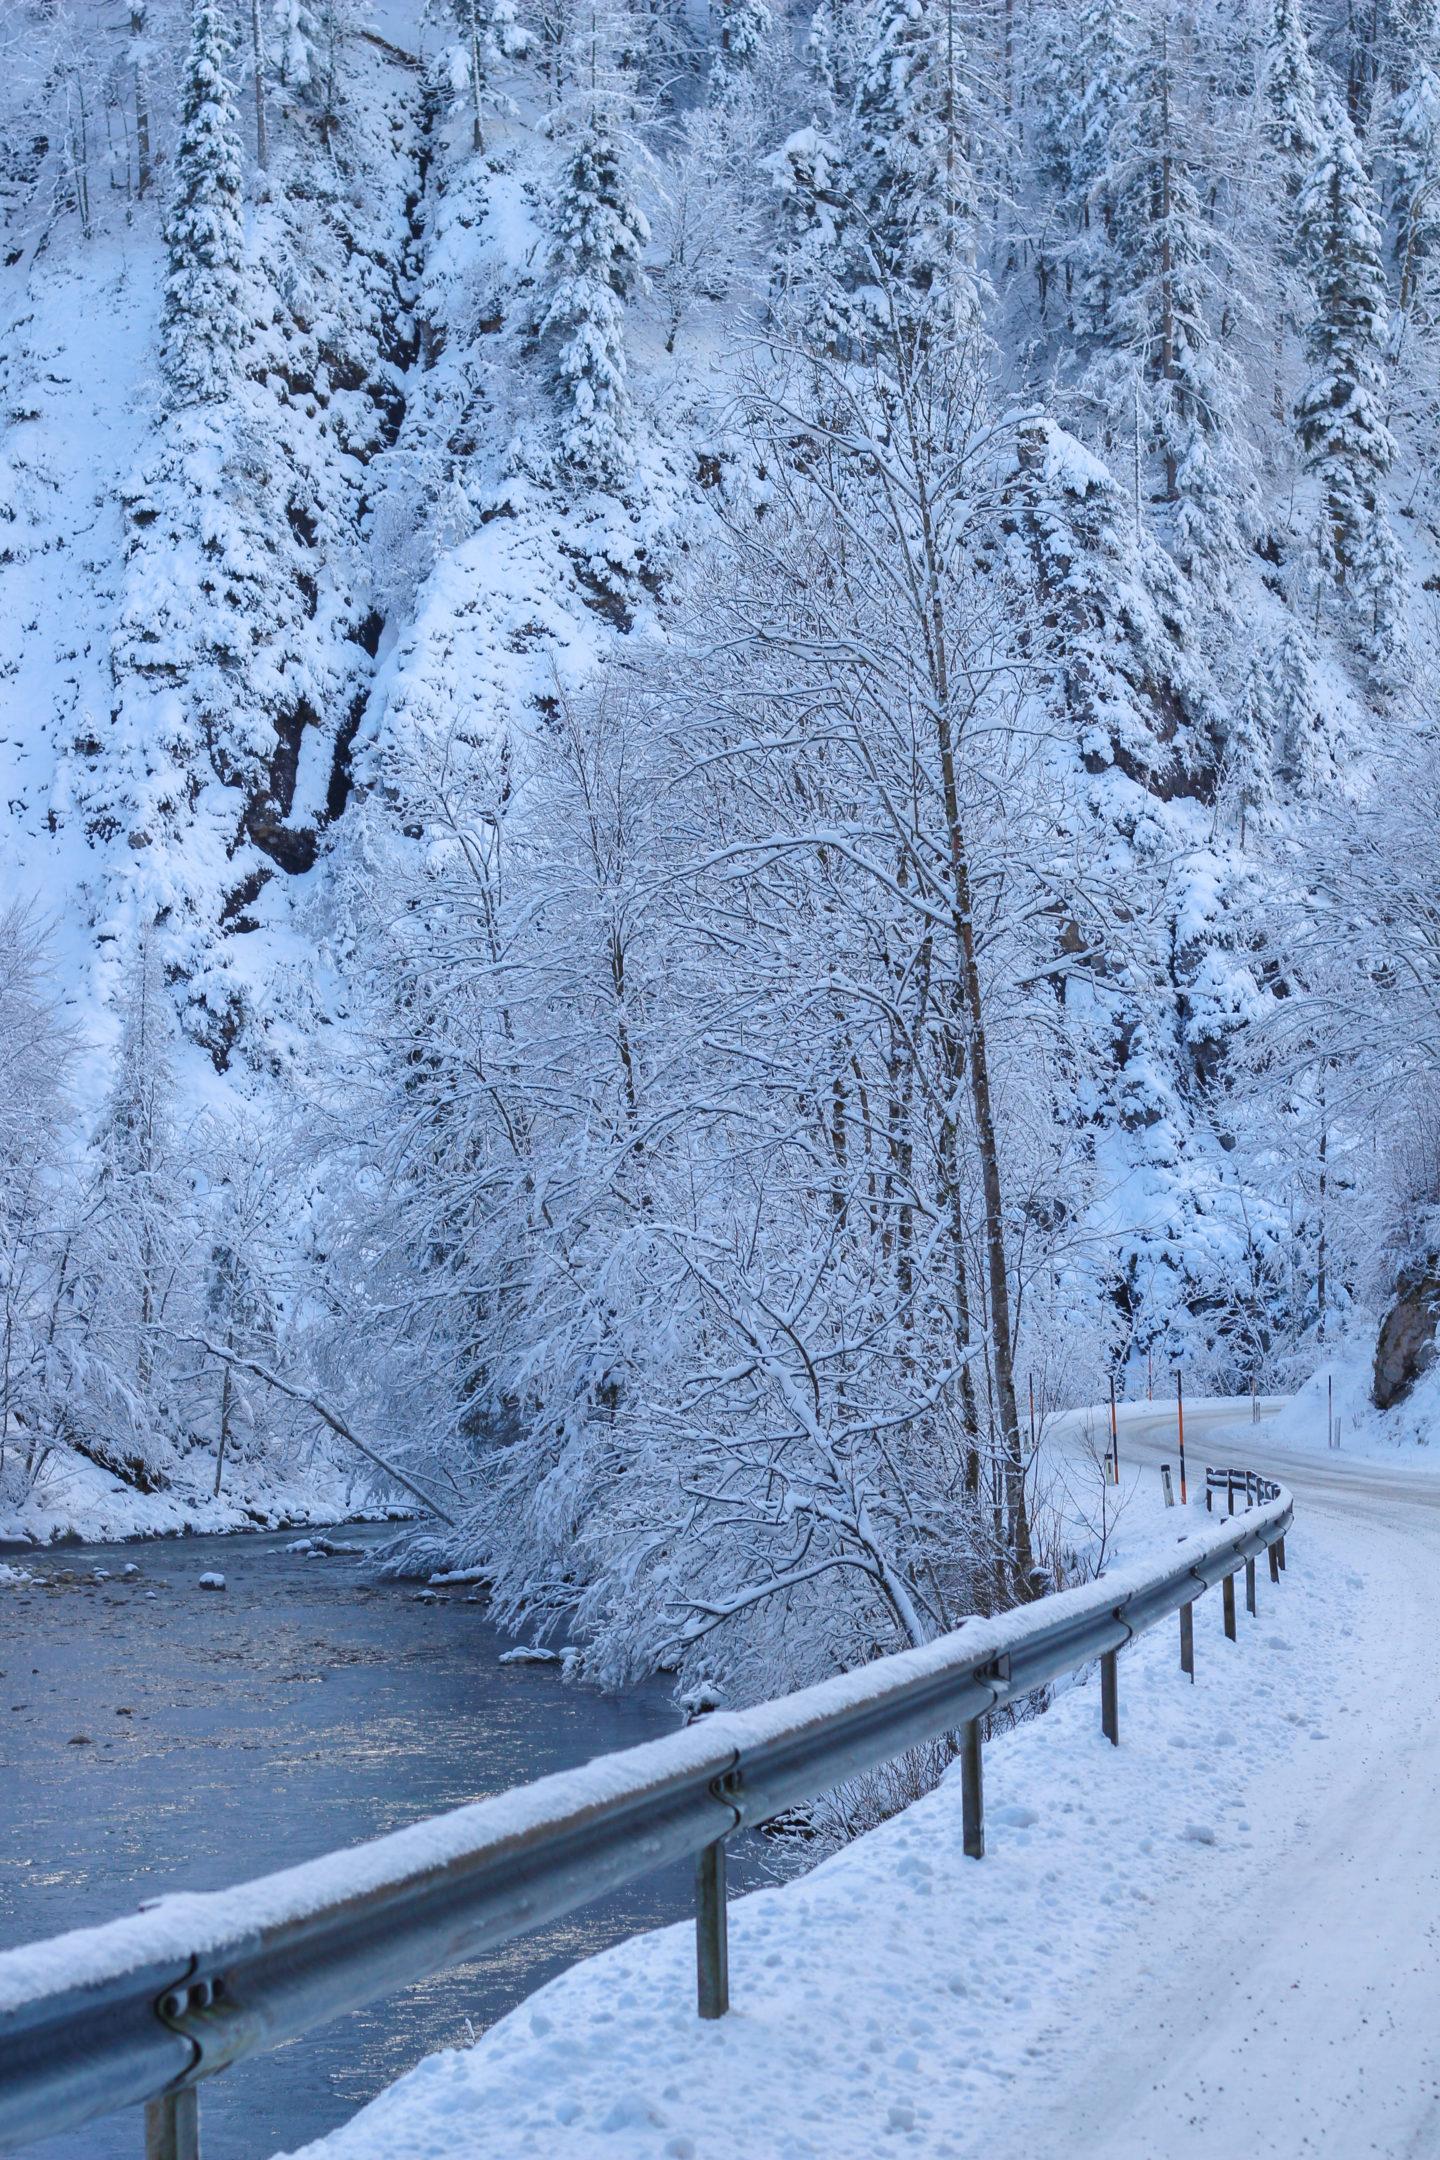 Es gibt eine NEUE Homespa Soul Moment Story aus den tief verschneiten Bergen